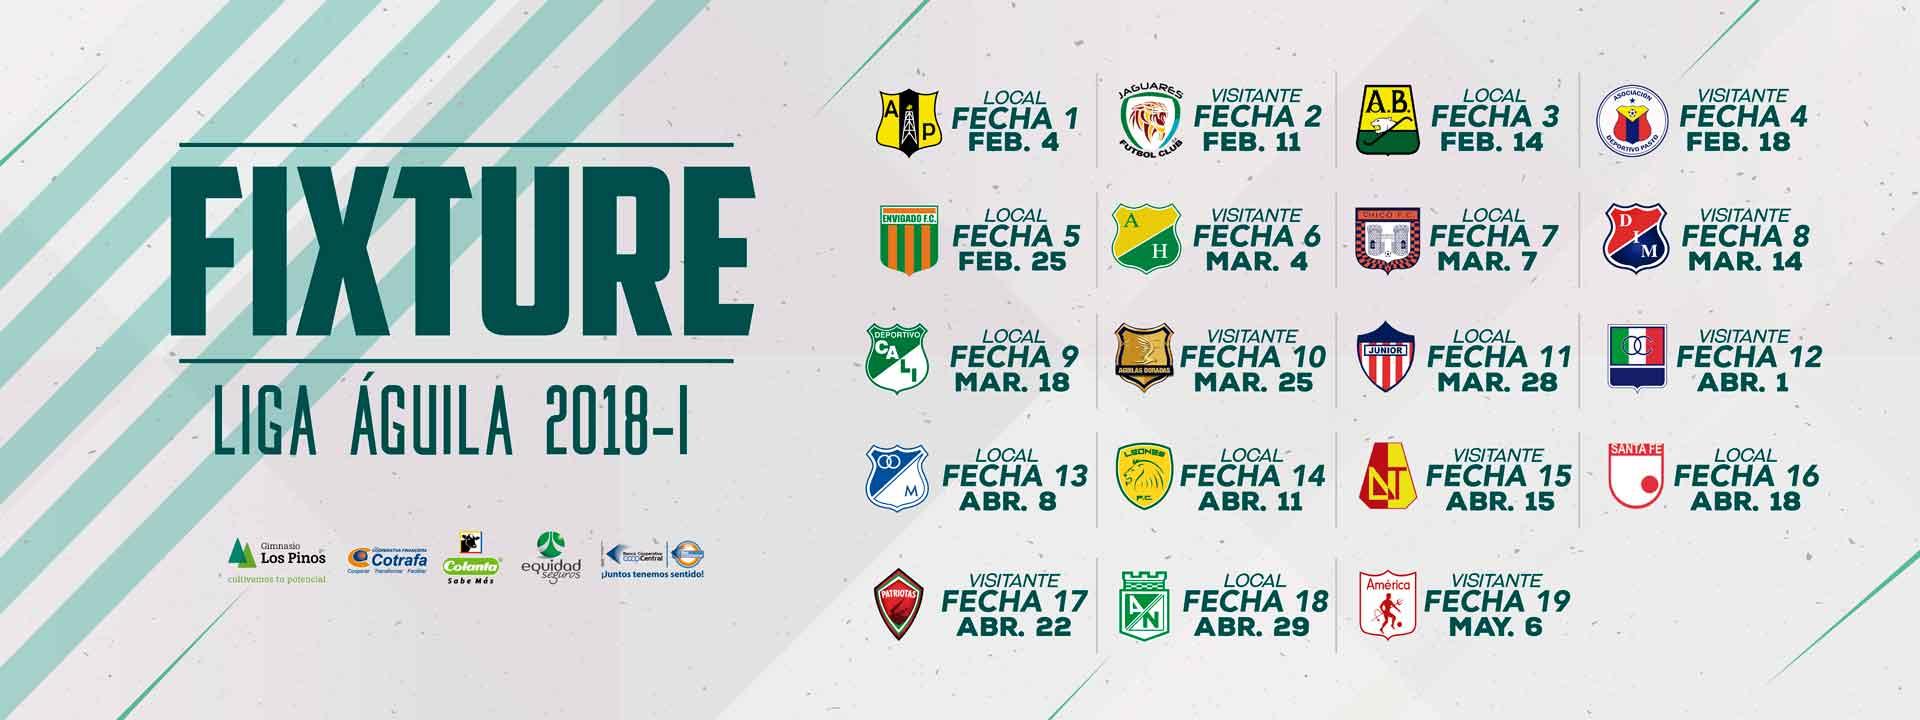 fixture-2018-l-02